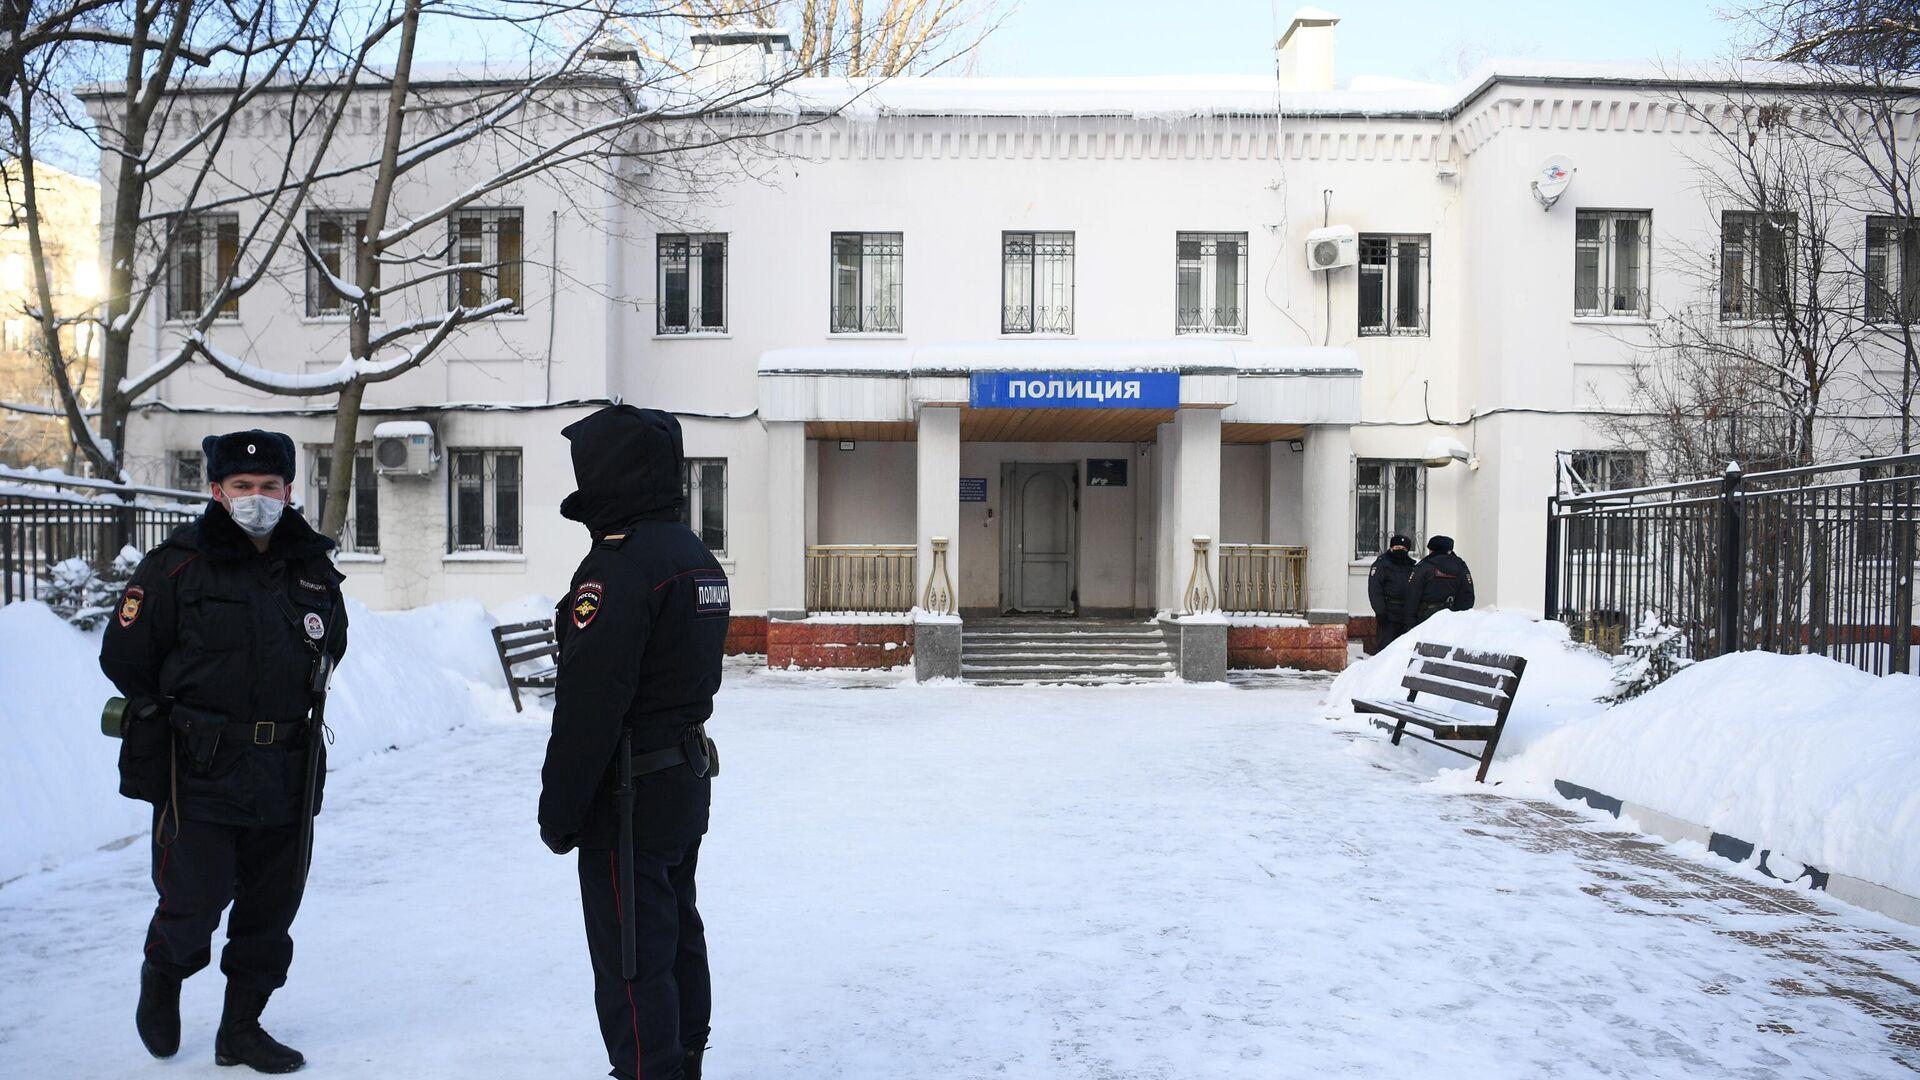 Здание 2-го отдела полиции Управления МВД России по г. о. Химки, куда доставлен Алексей Навальный, накануне задержанный в аэропорту Шереметьево  - РИА Новости, 1920, 18.01.2021